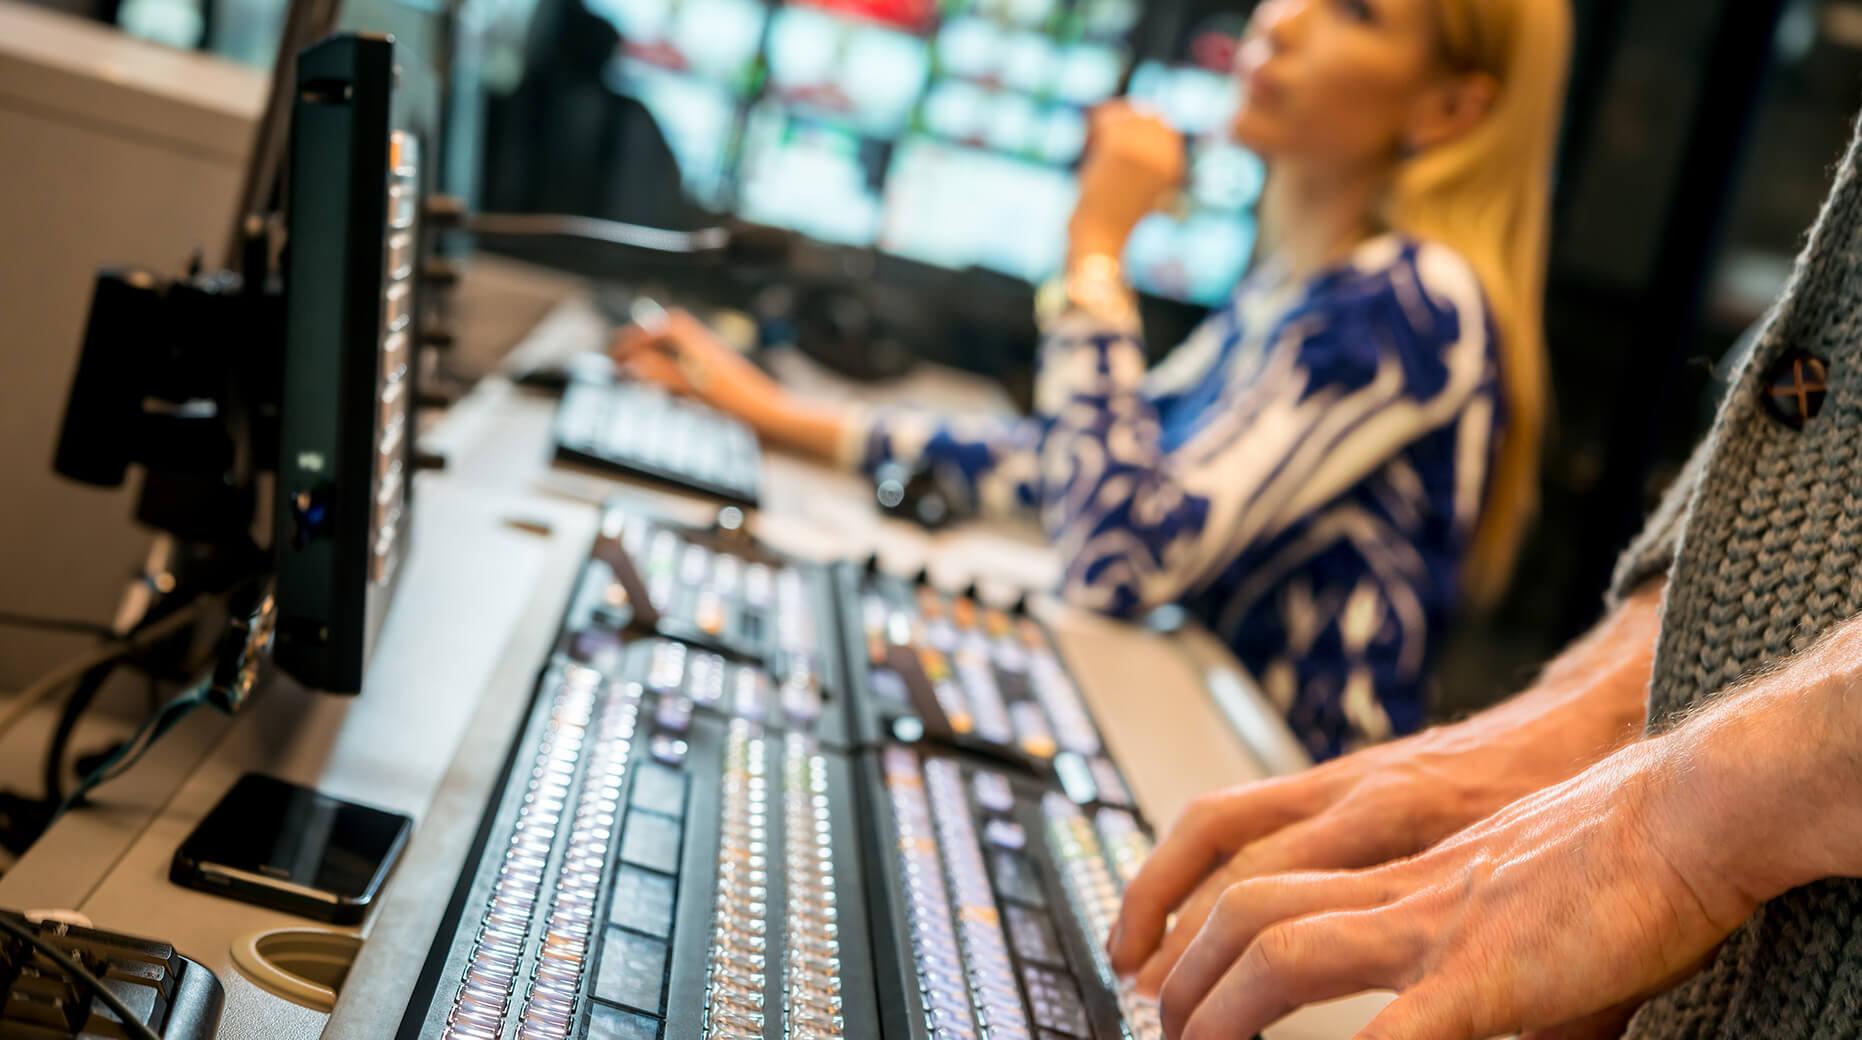 inside a TV news control room